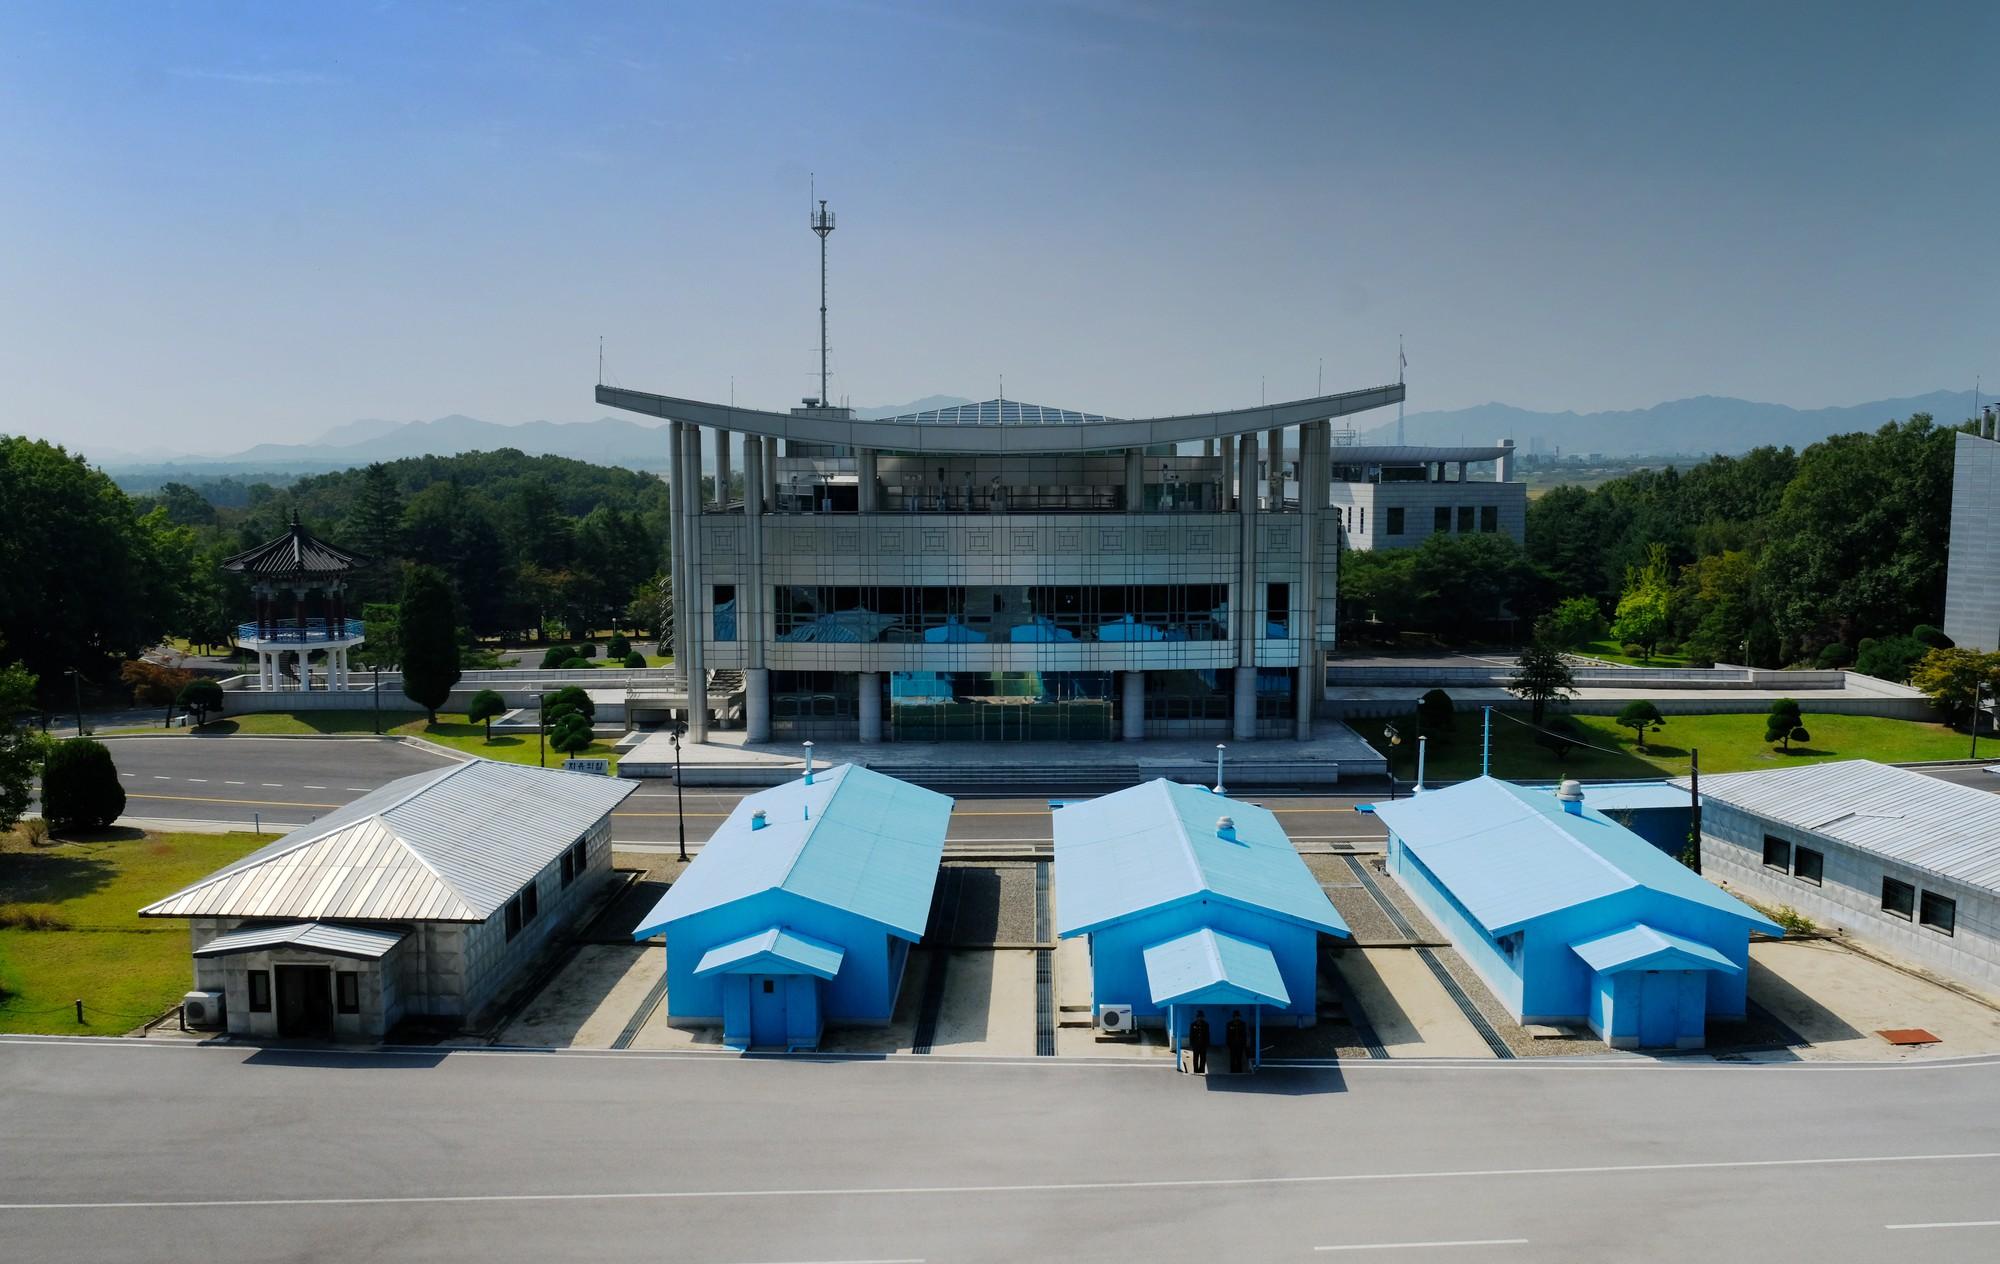 Thù địch và hy vọng ở DMZ liên Triều nhìn từ hai phía qua ống kính người Việt 15